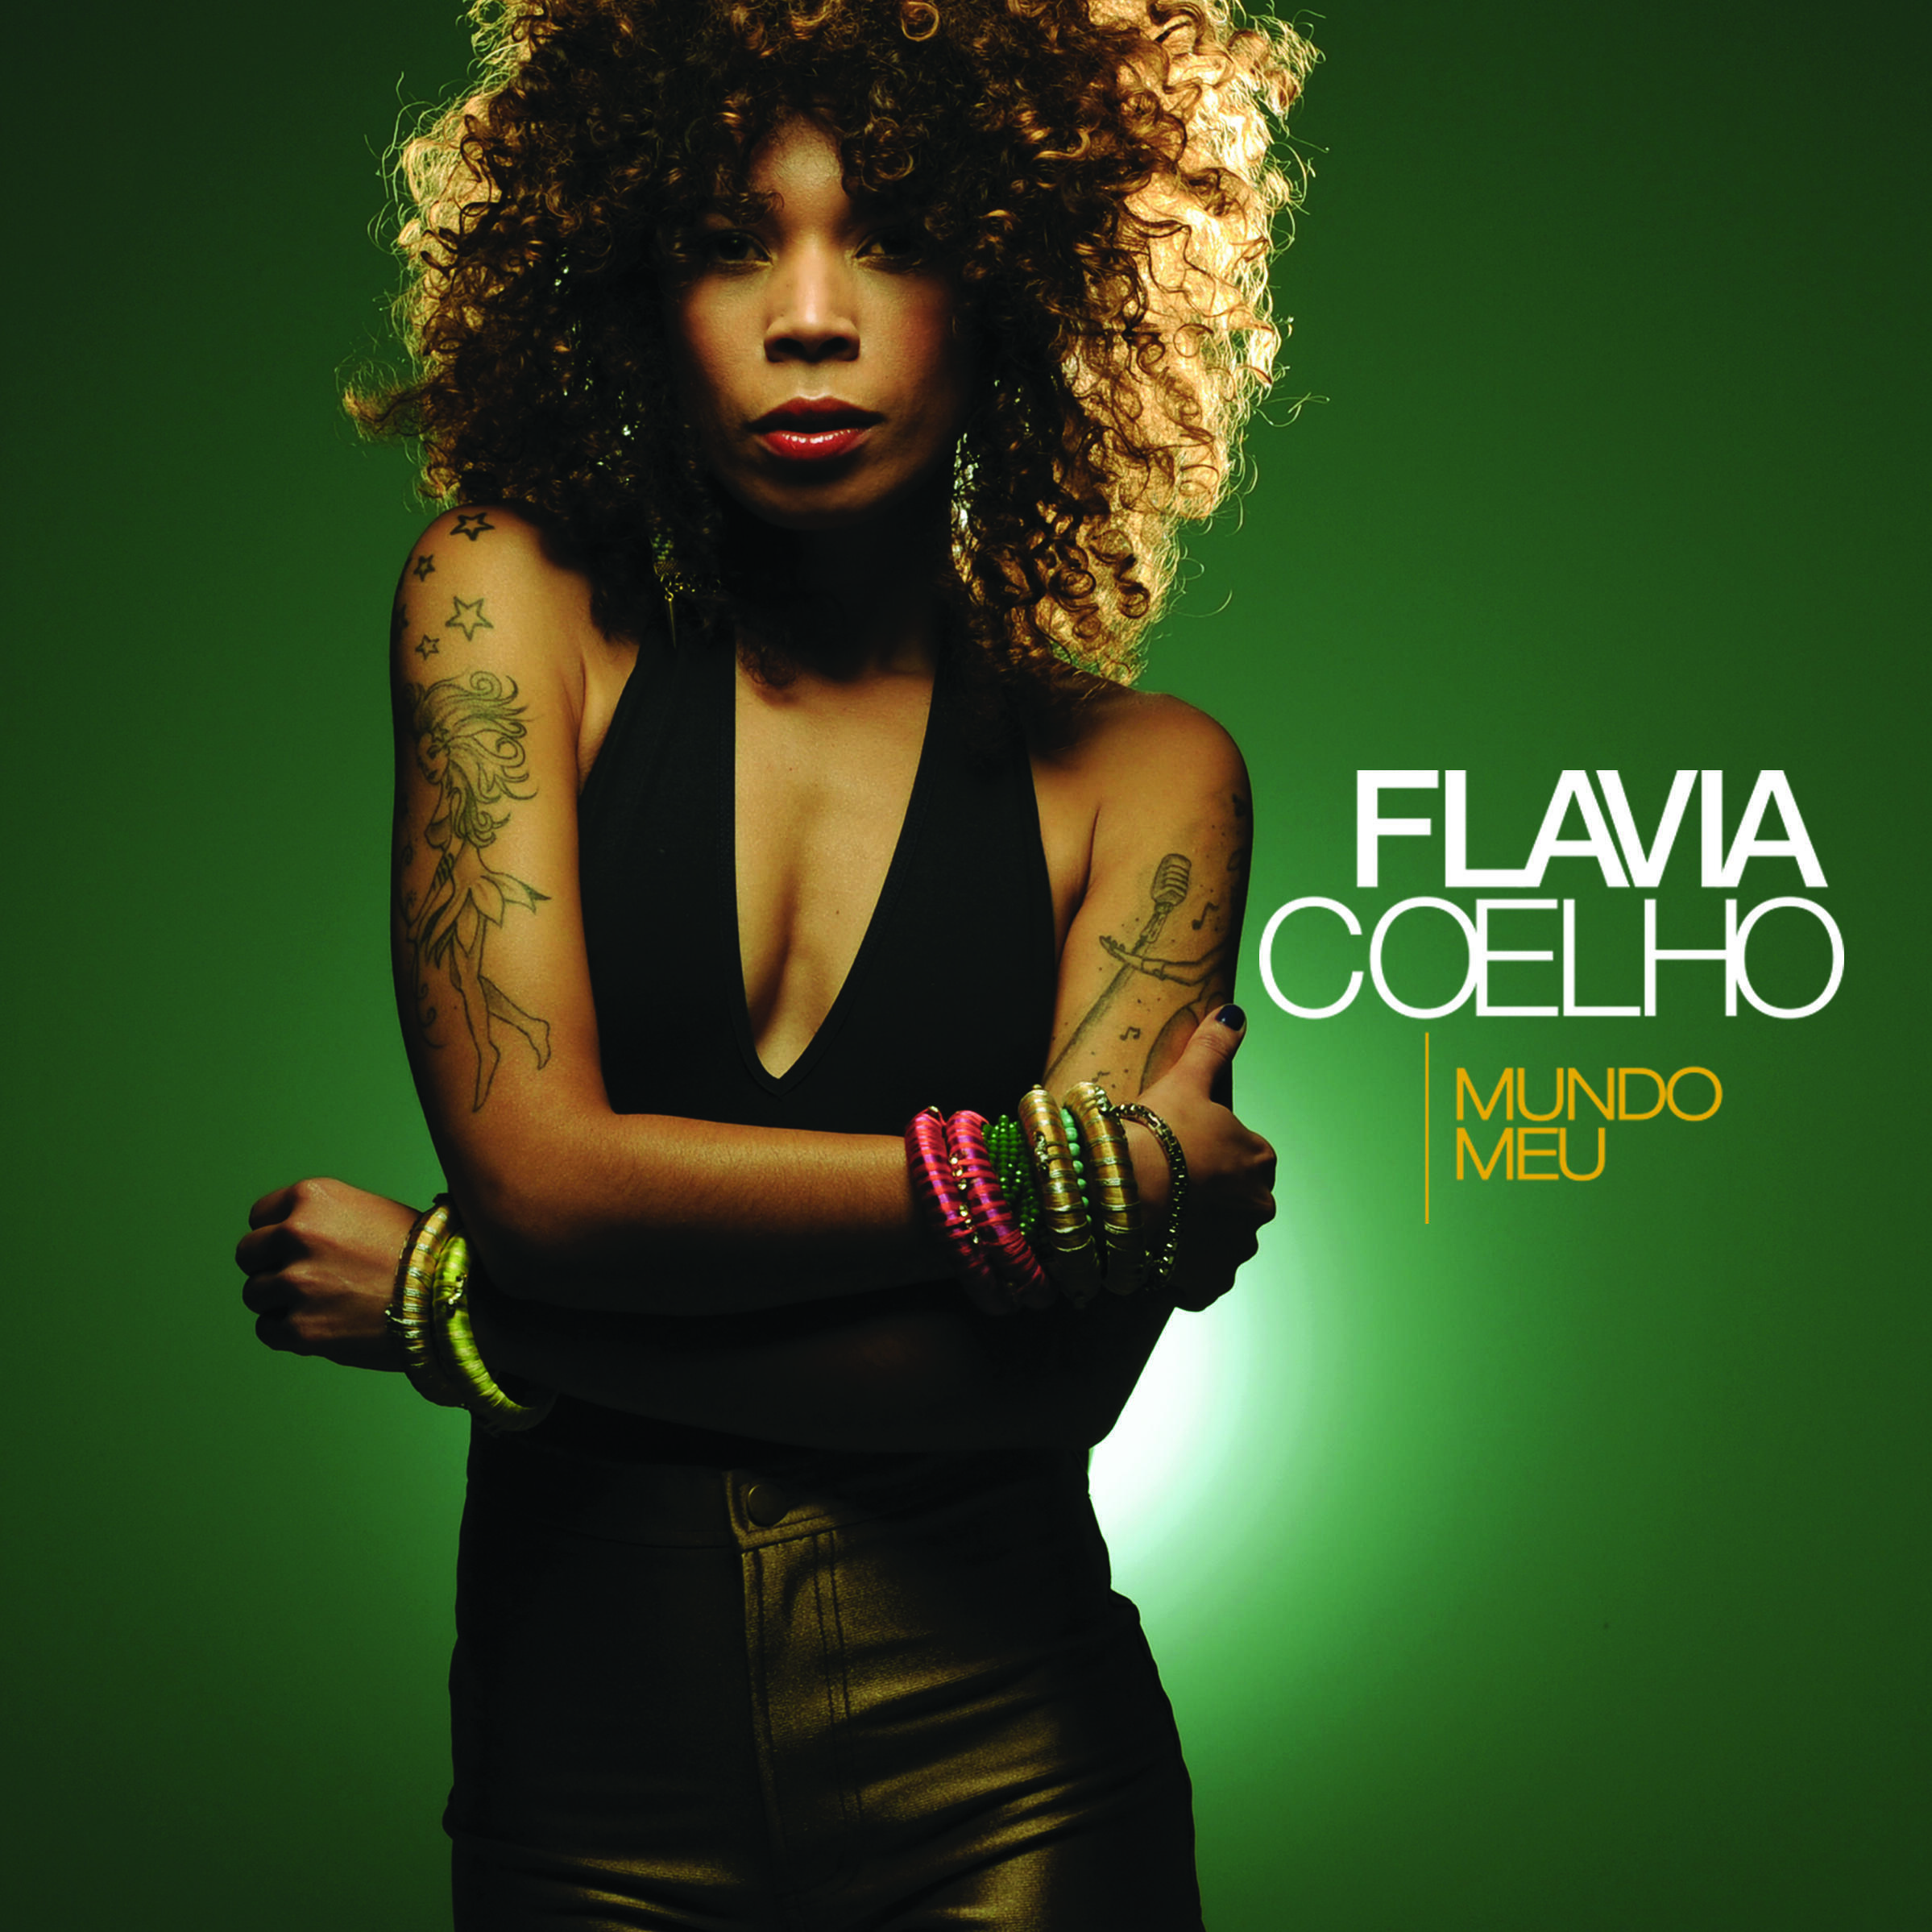 La chanteuse brésilienne Flavia Coelho.